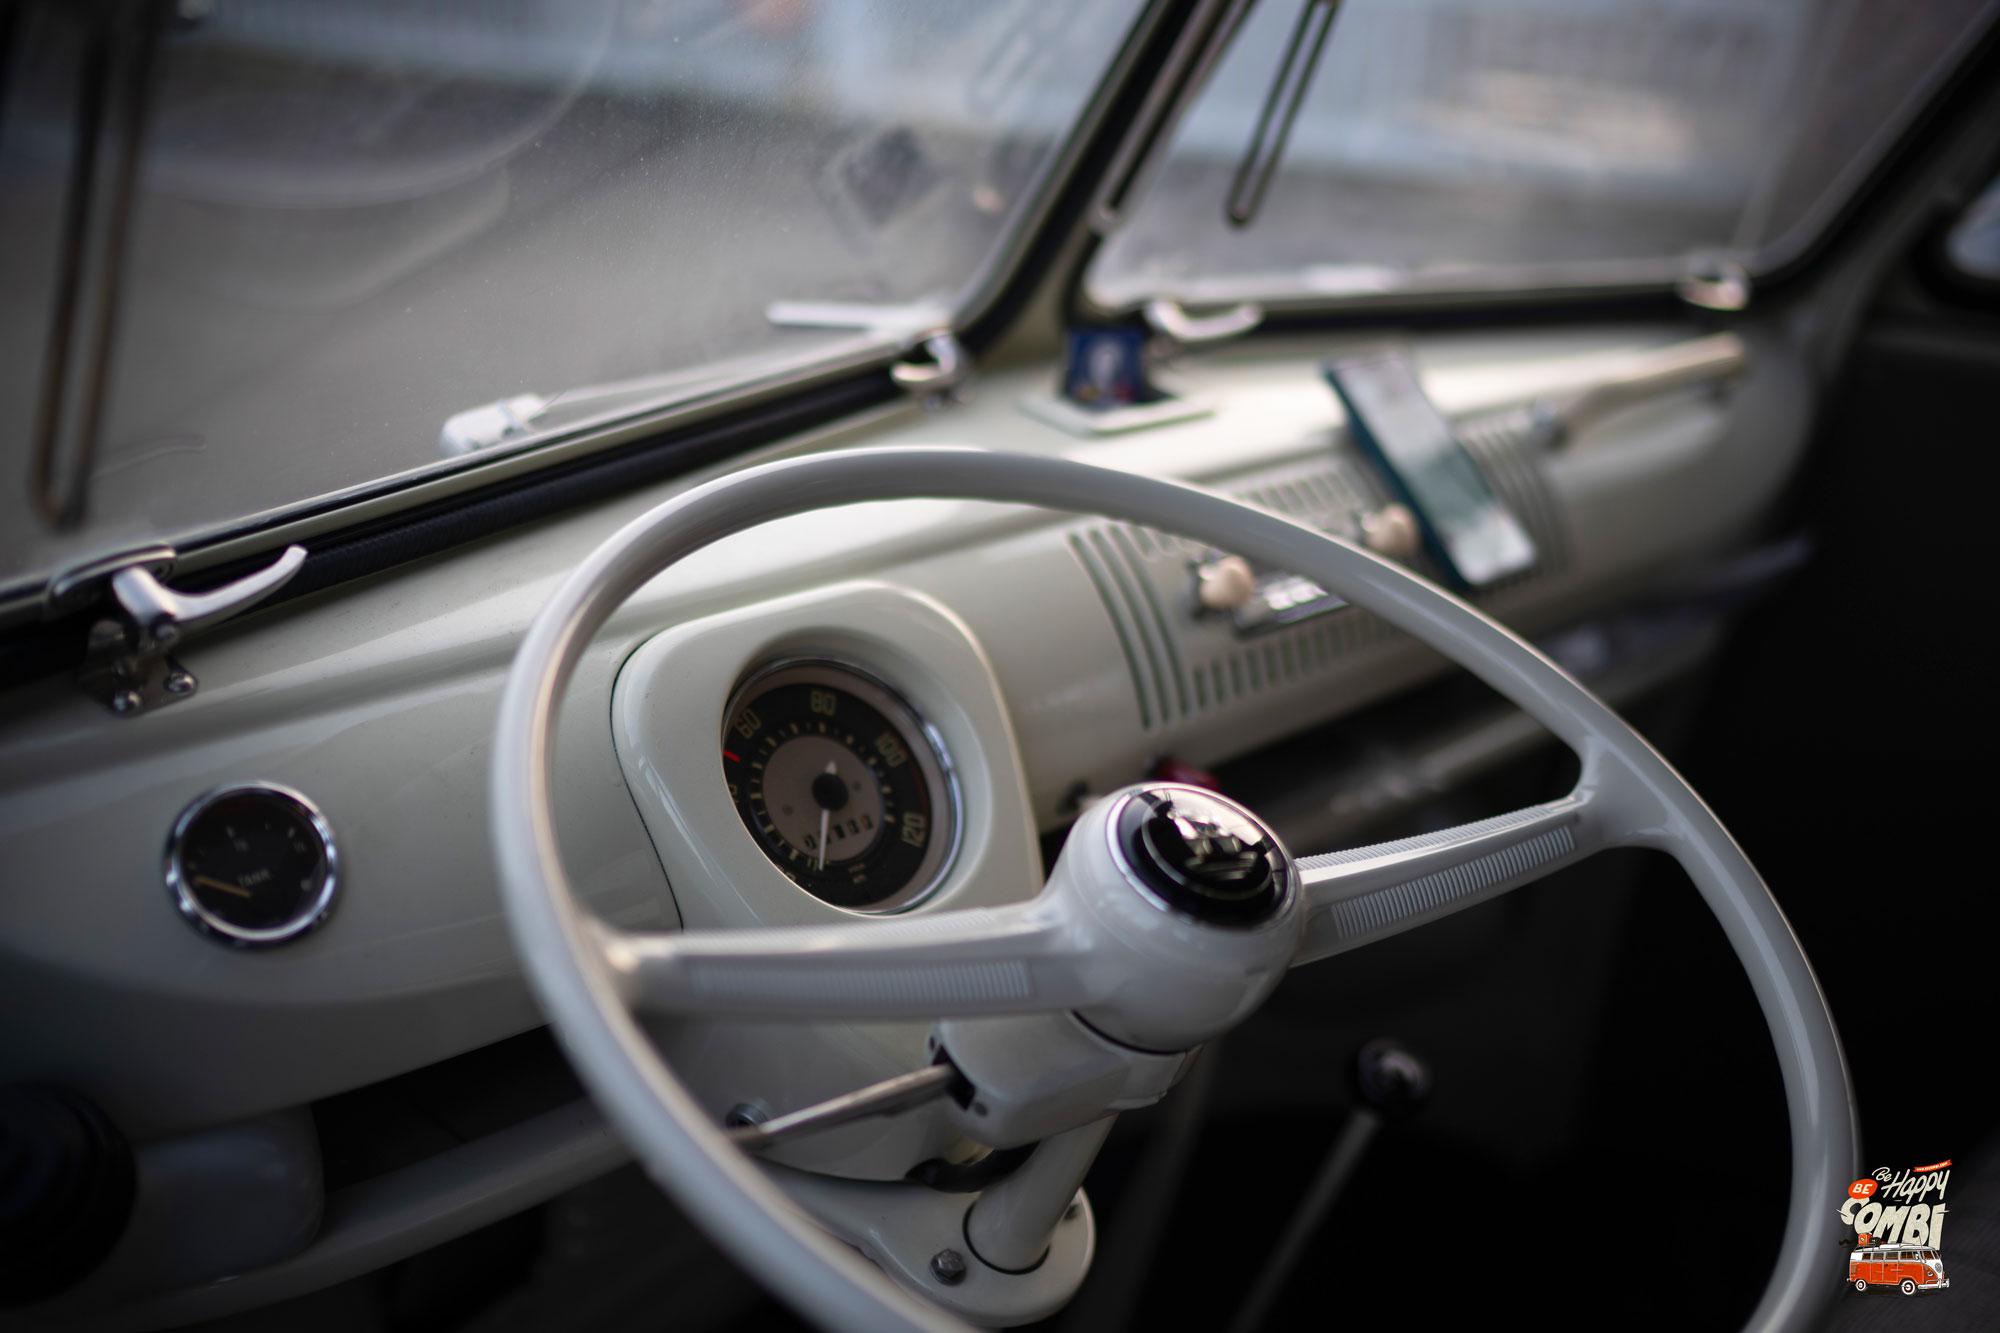 Premiers tours de roue avec Rocky - VW Camper de 1966 - BeCombi